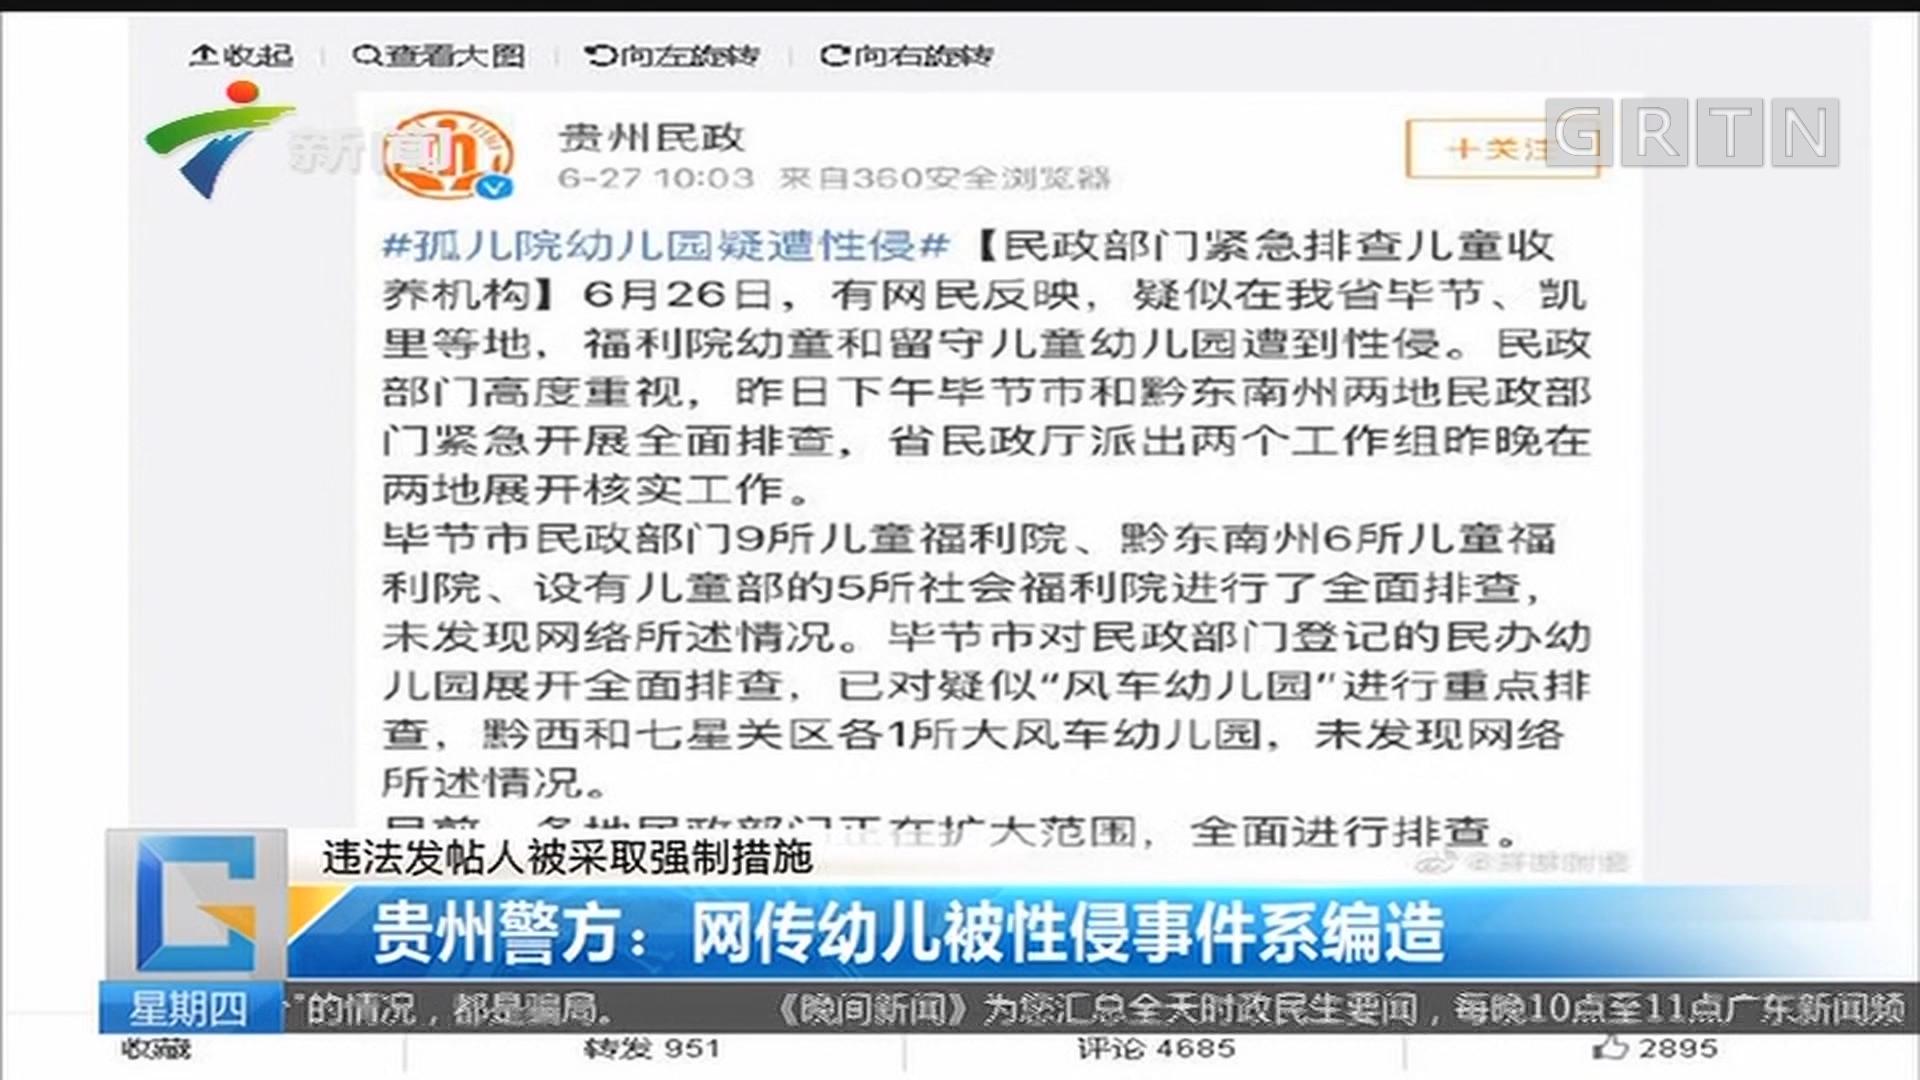 违法发帖人被采取强制措施 贵州警方:网传幼儿被性侵事件系编造